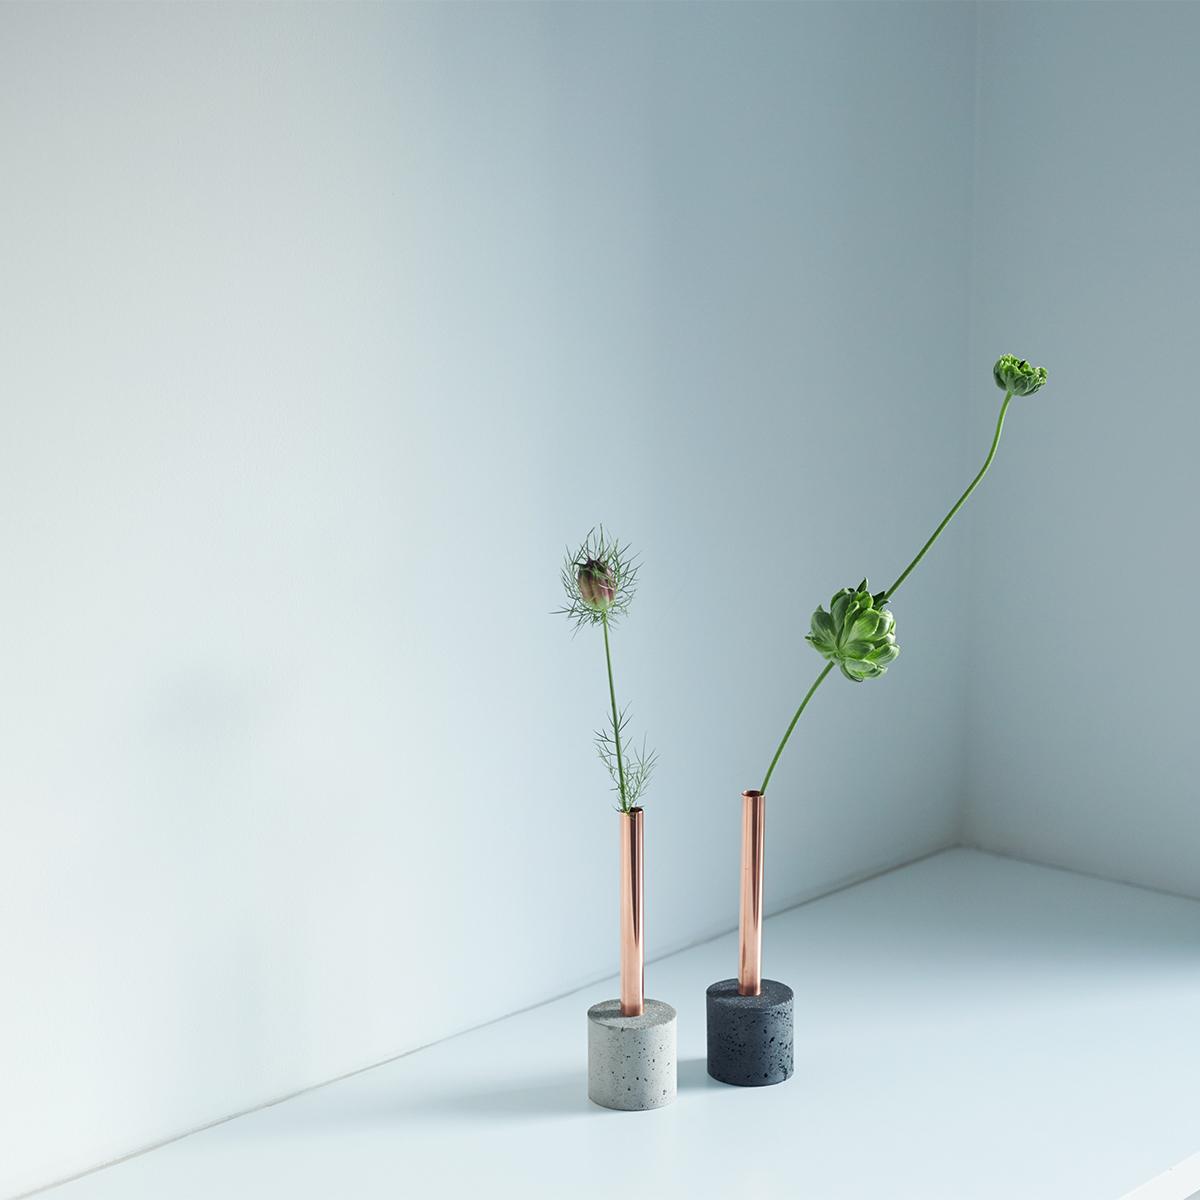 花の剪定に悩まなくてもいいように「安定した重さの一輪挿し」からデザインを考えた。無造作に挿すだけで「絵」になる、銅管の一輪挿し・花瓶・フラワーベース|BULBOUS